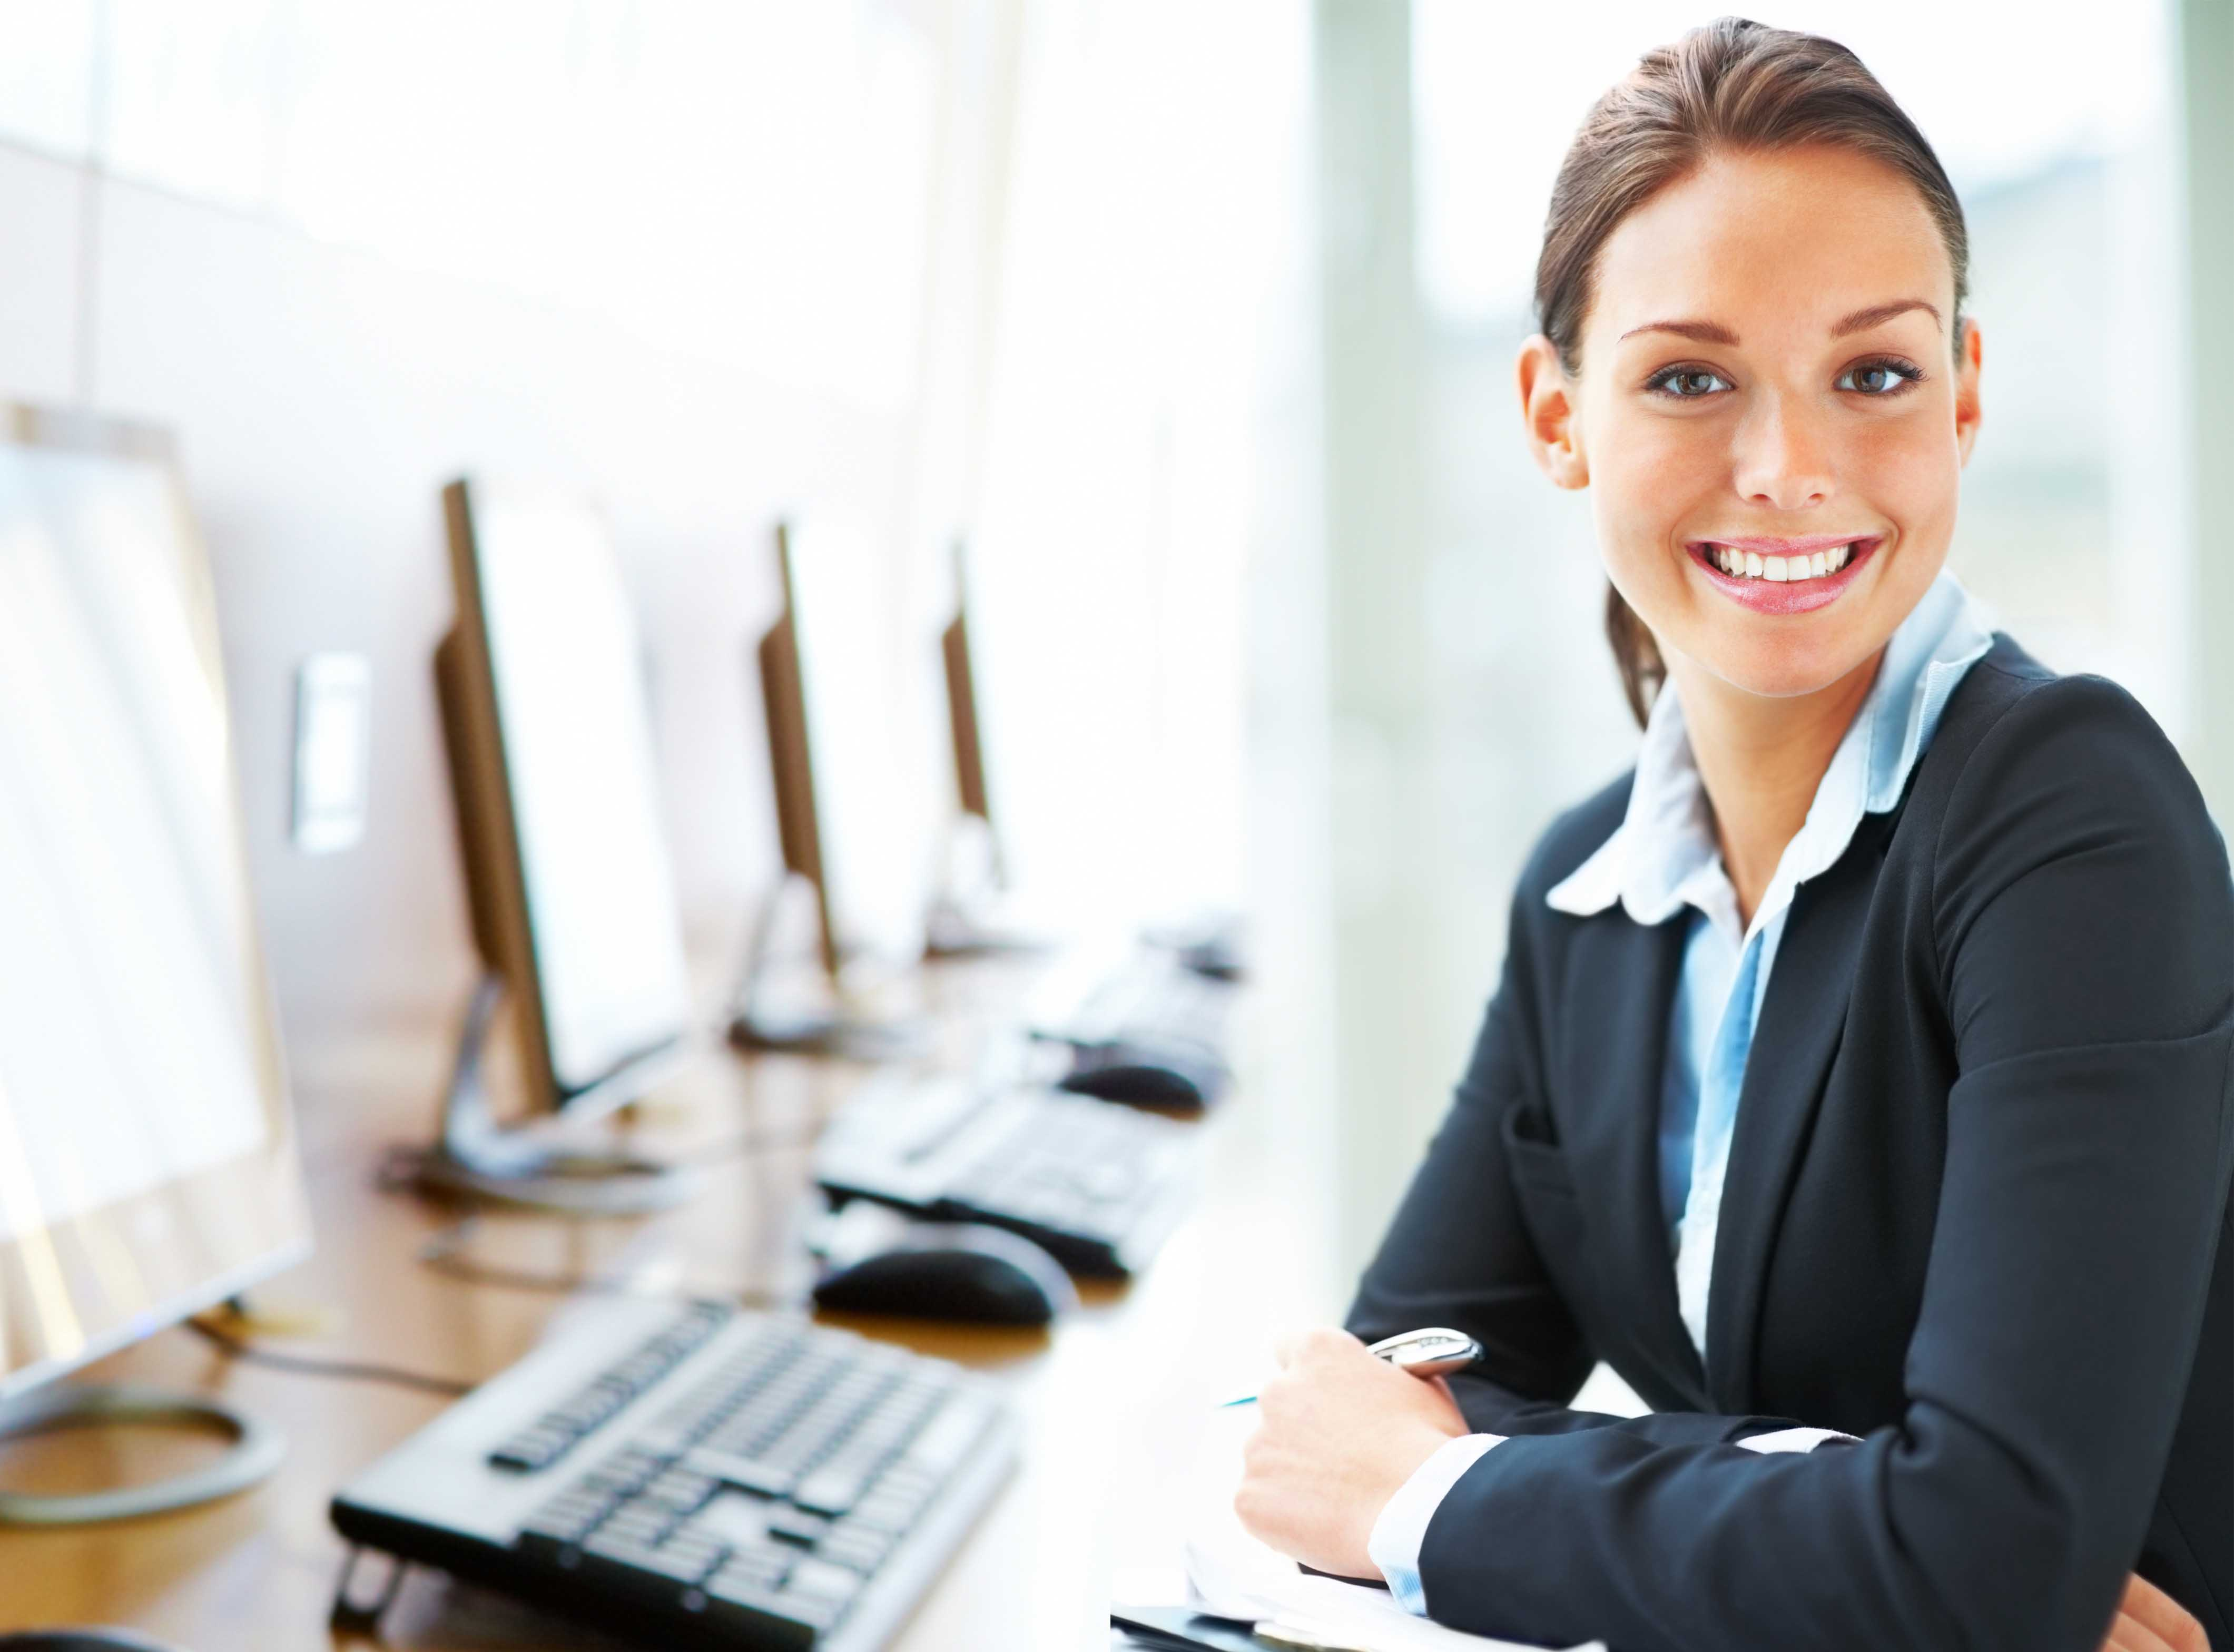 Ассистент руководителя: профессиональные стандарты и корпоративные нормы